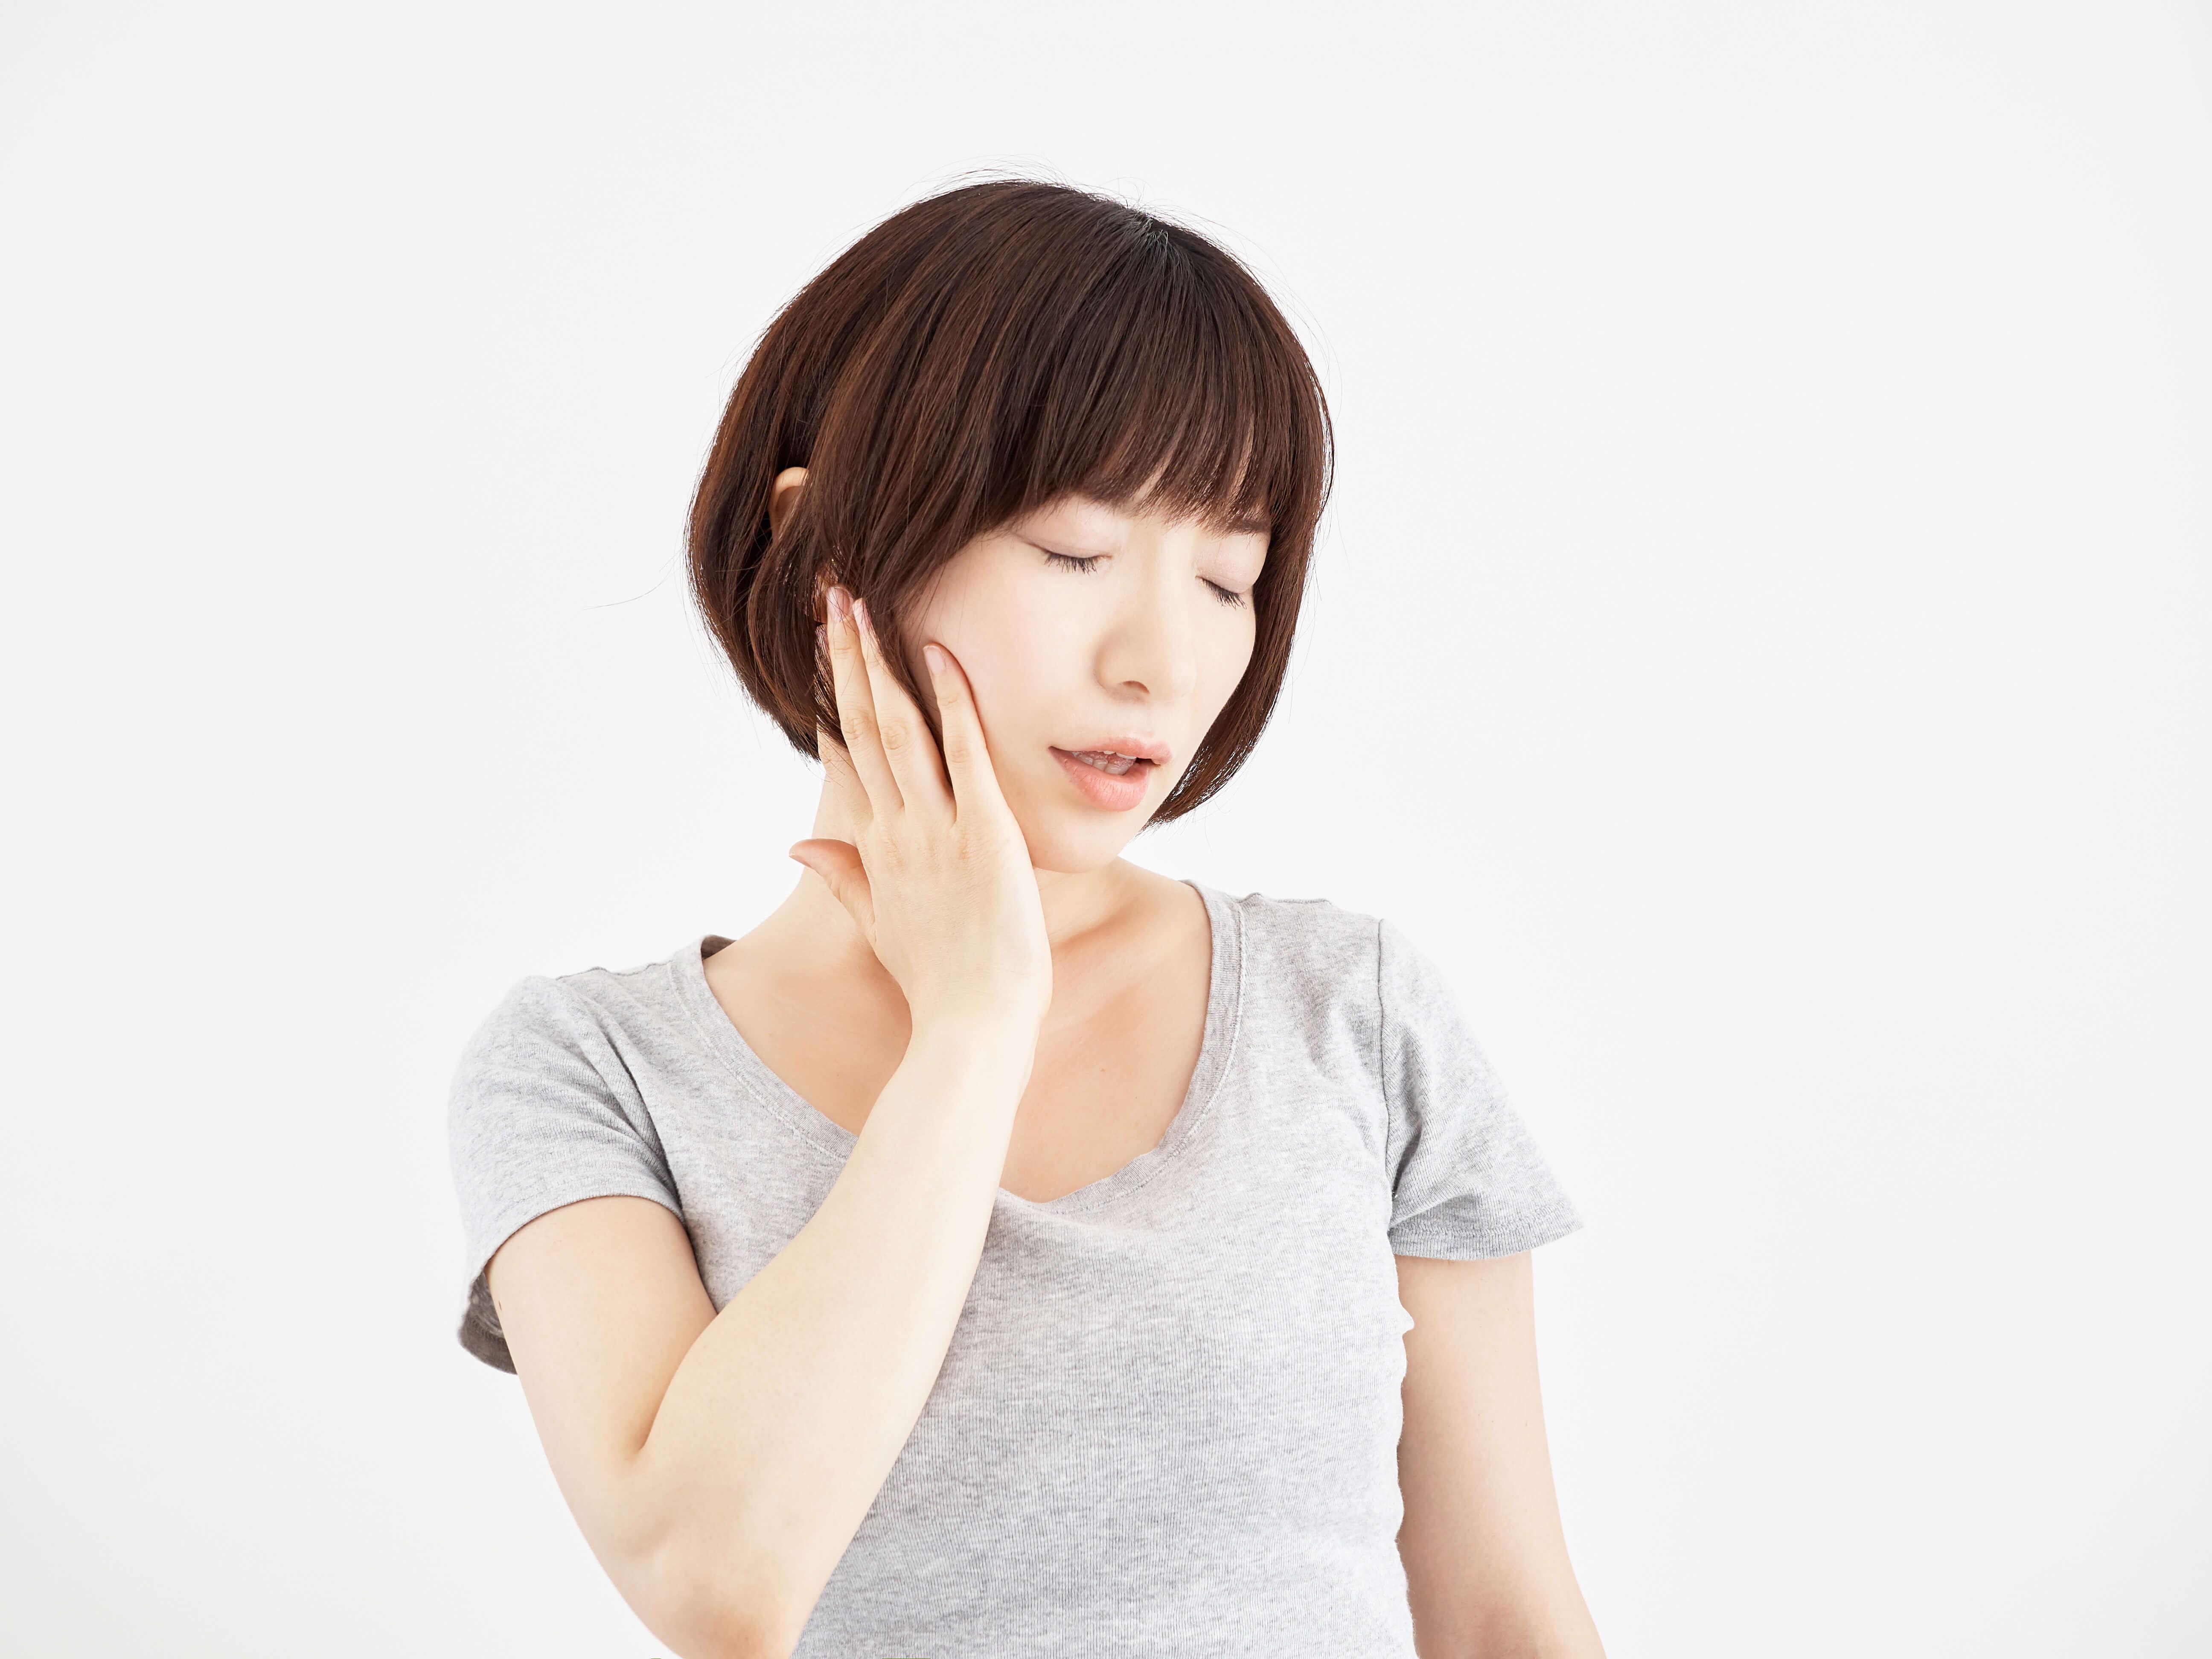 痛くてあごを触る女性